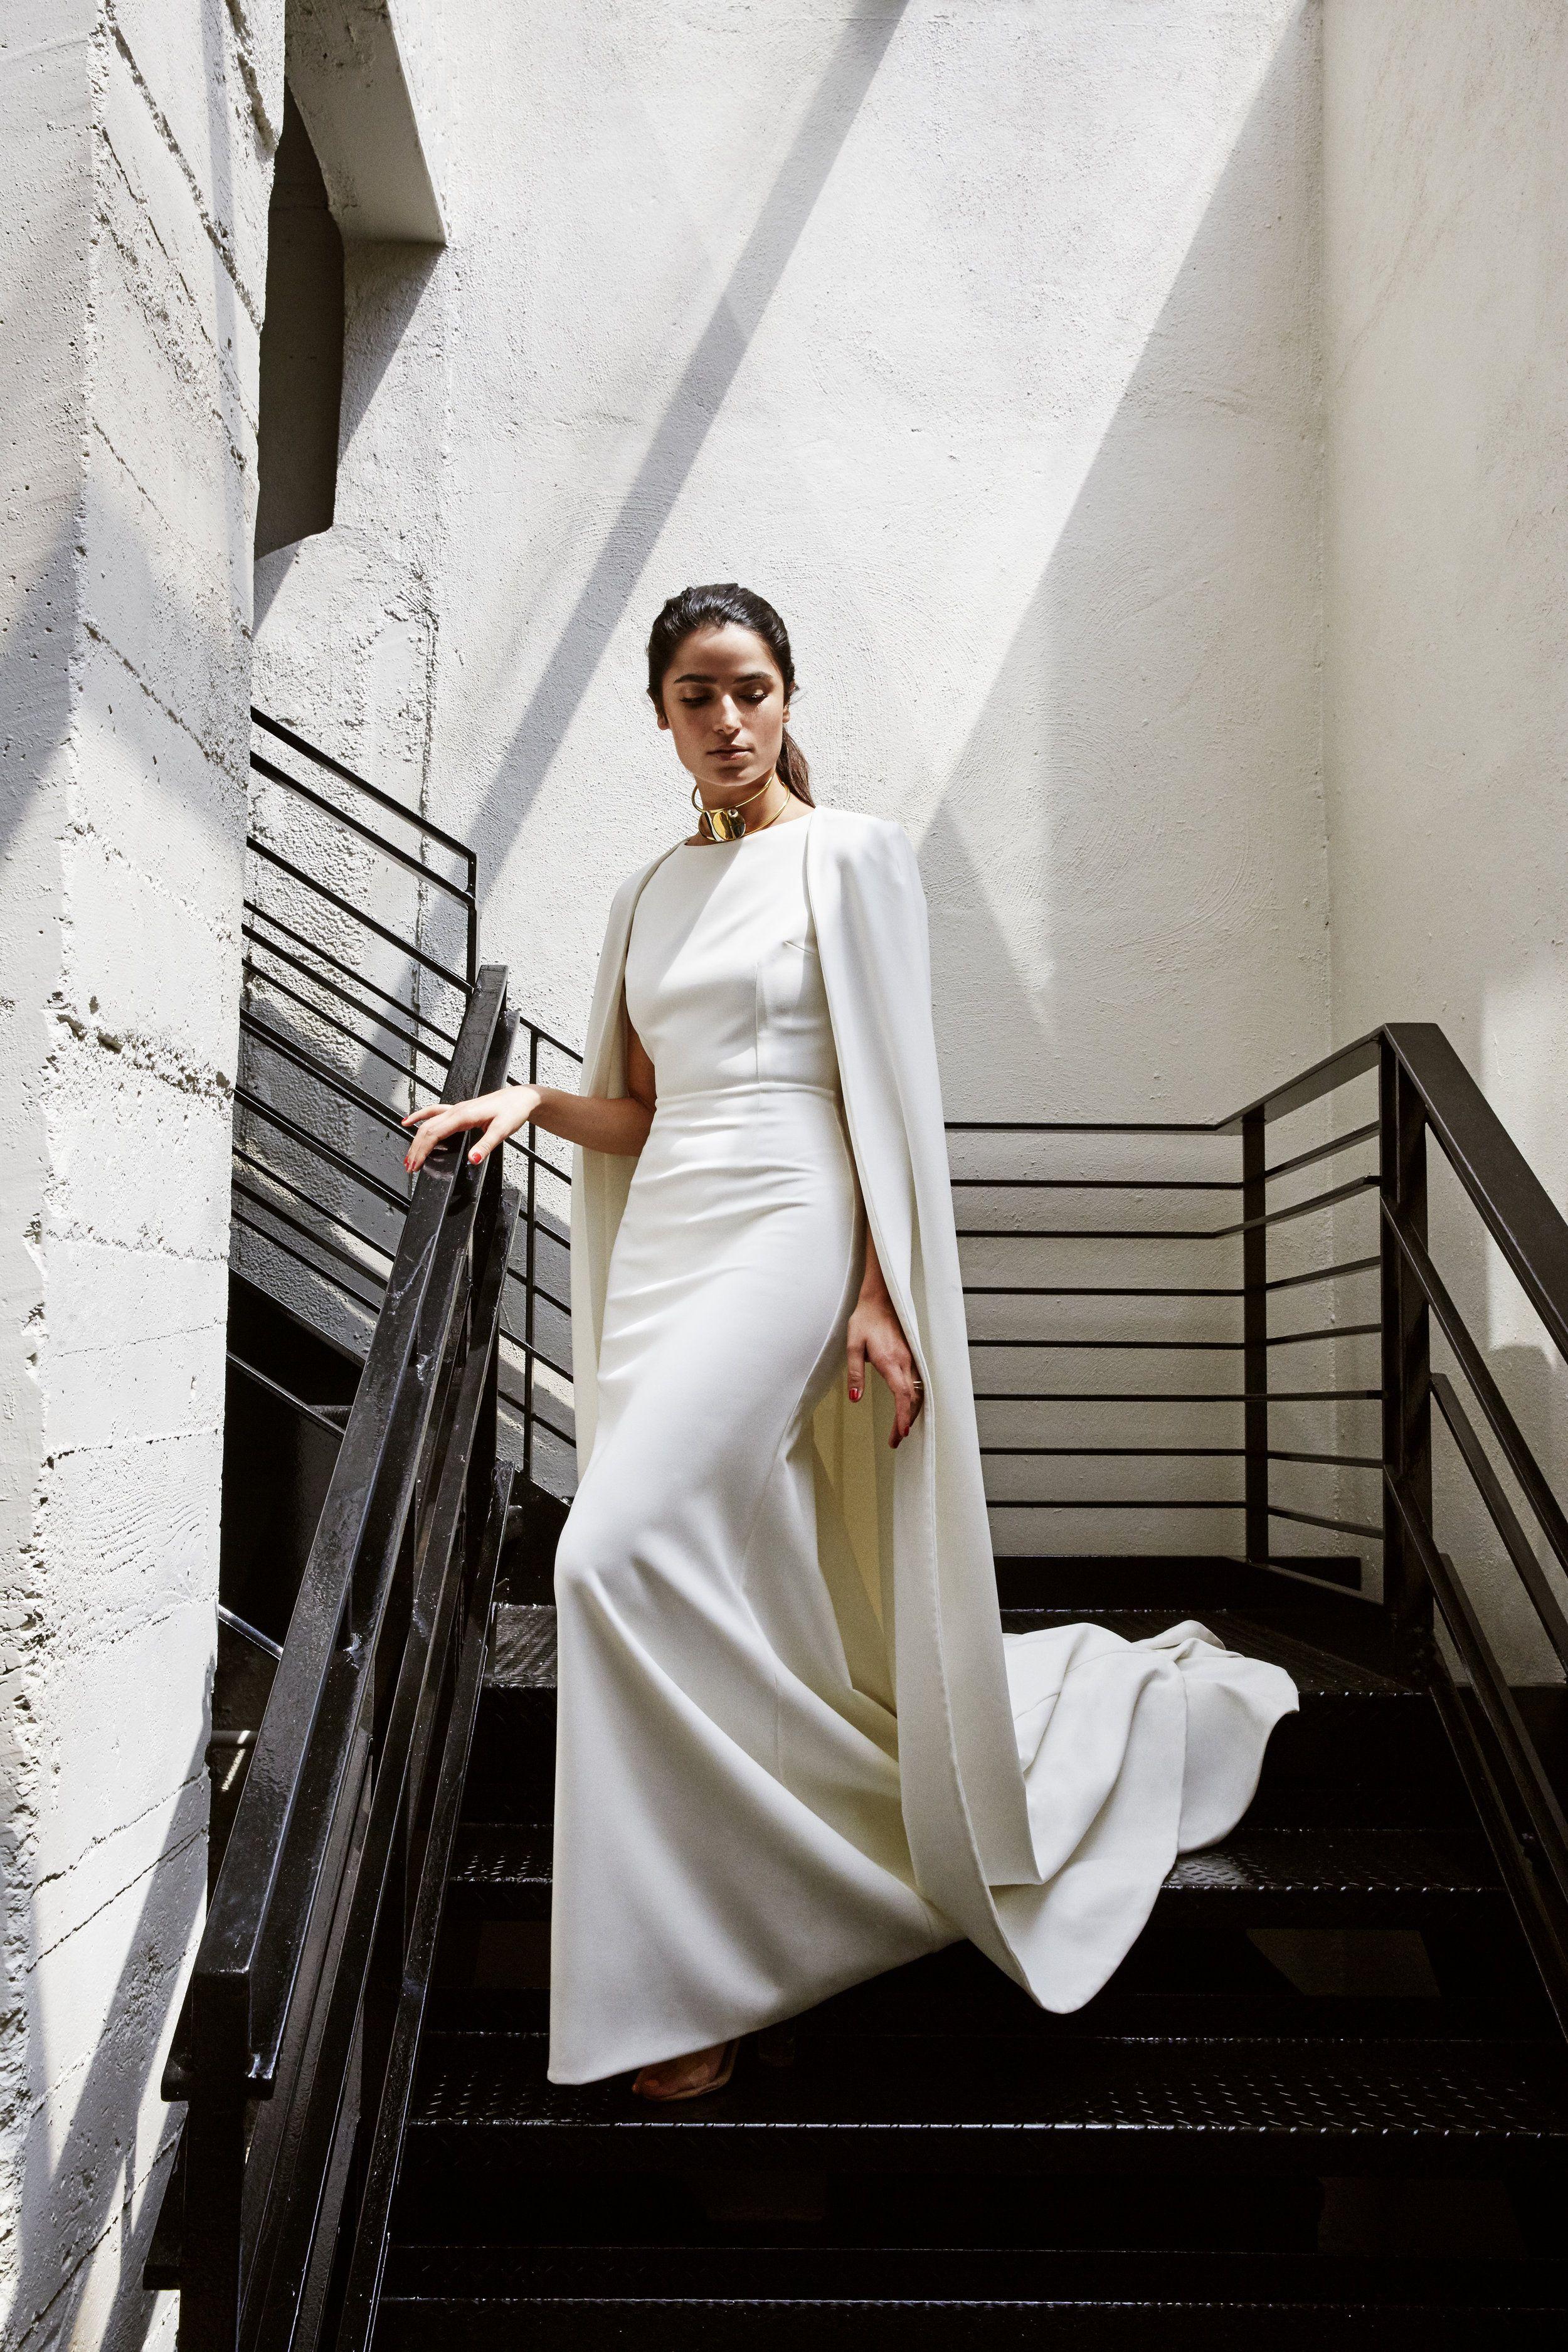 d7068c9214b Bridal top crepe longsleeve Pronovias 2018 Collection SM